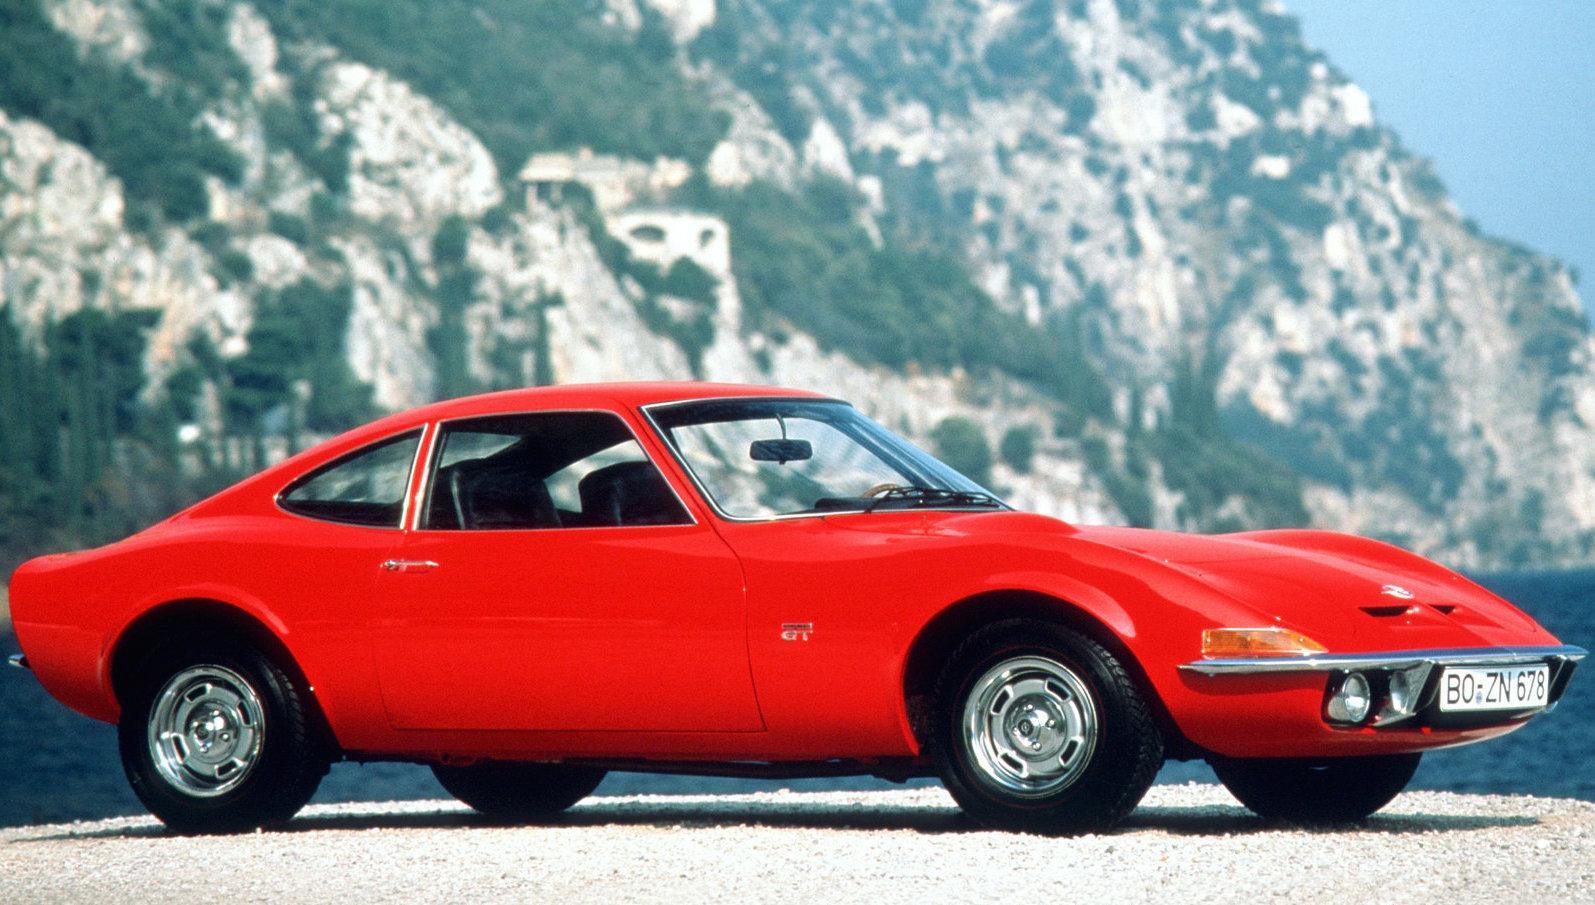 Opel-GT_1968_1600x1200_wallpaper_01